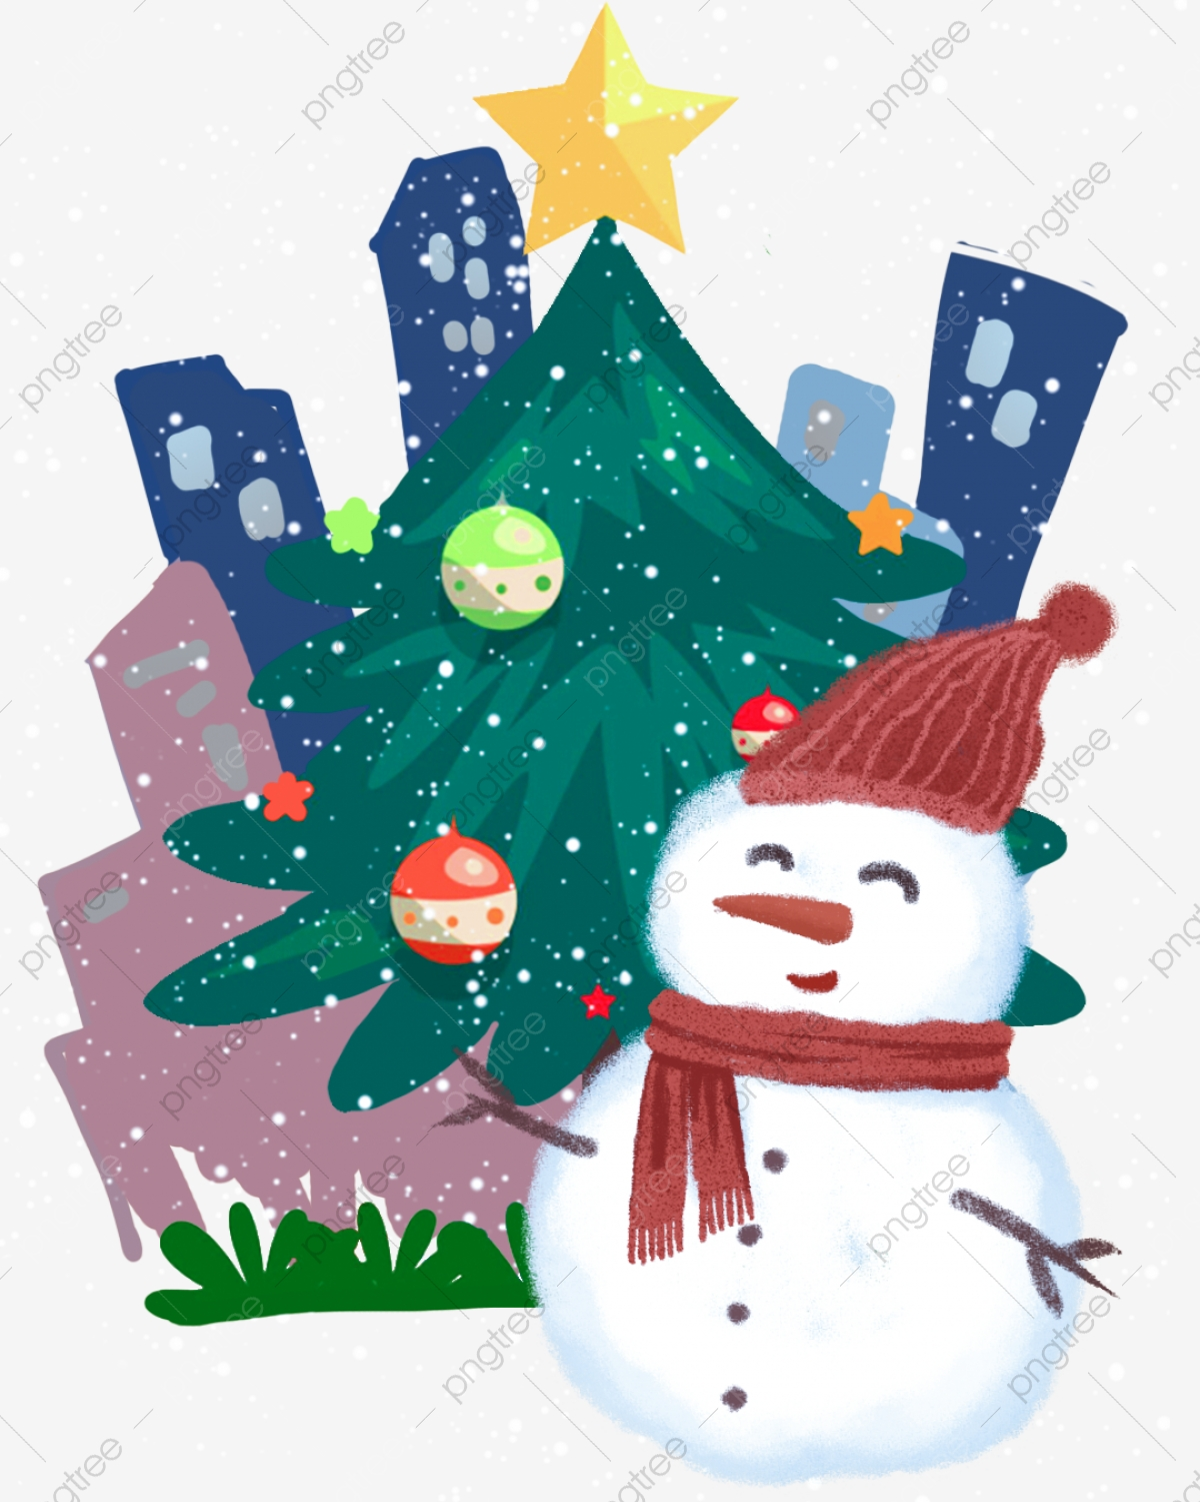 Joyeux Noel Et Nouvel An.Decoration De Sapin De Noel Joyeux Noel Ambiance Du Nouvel